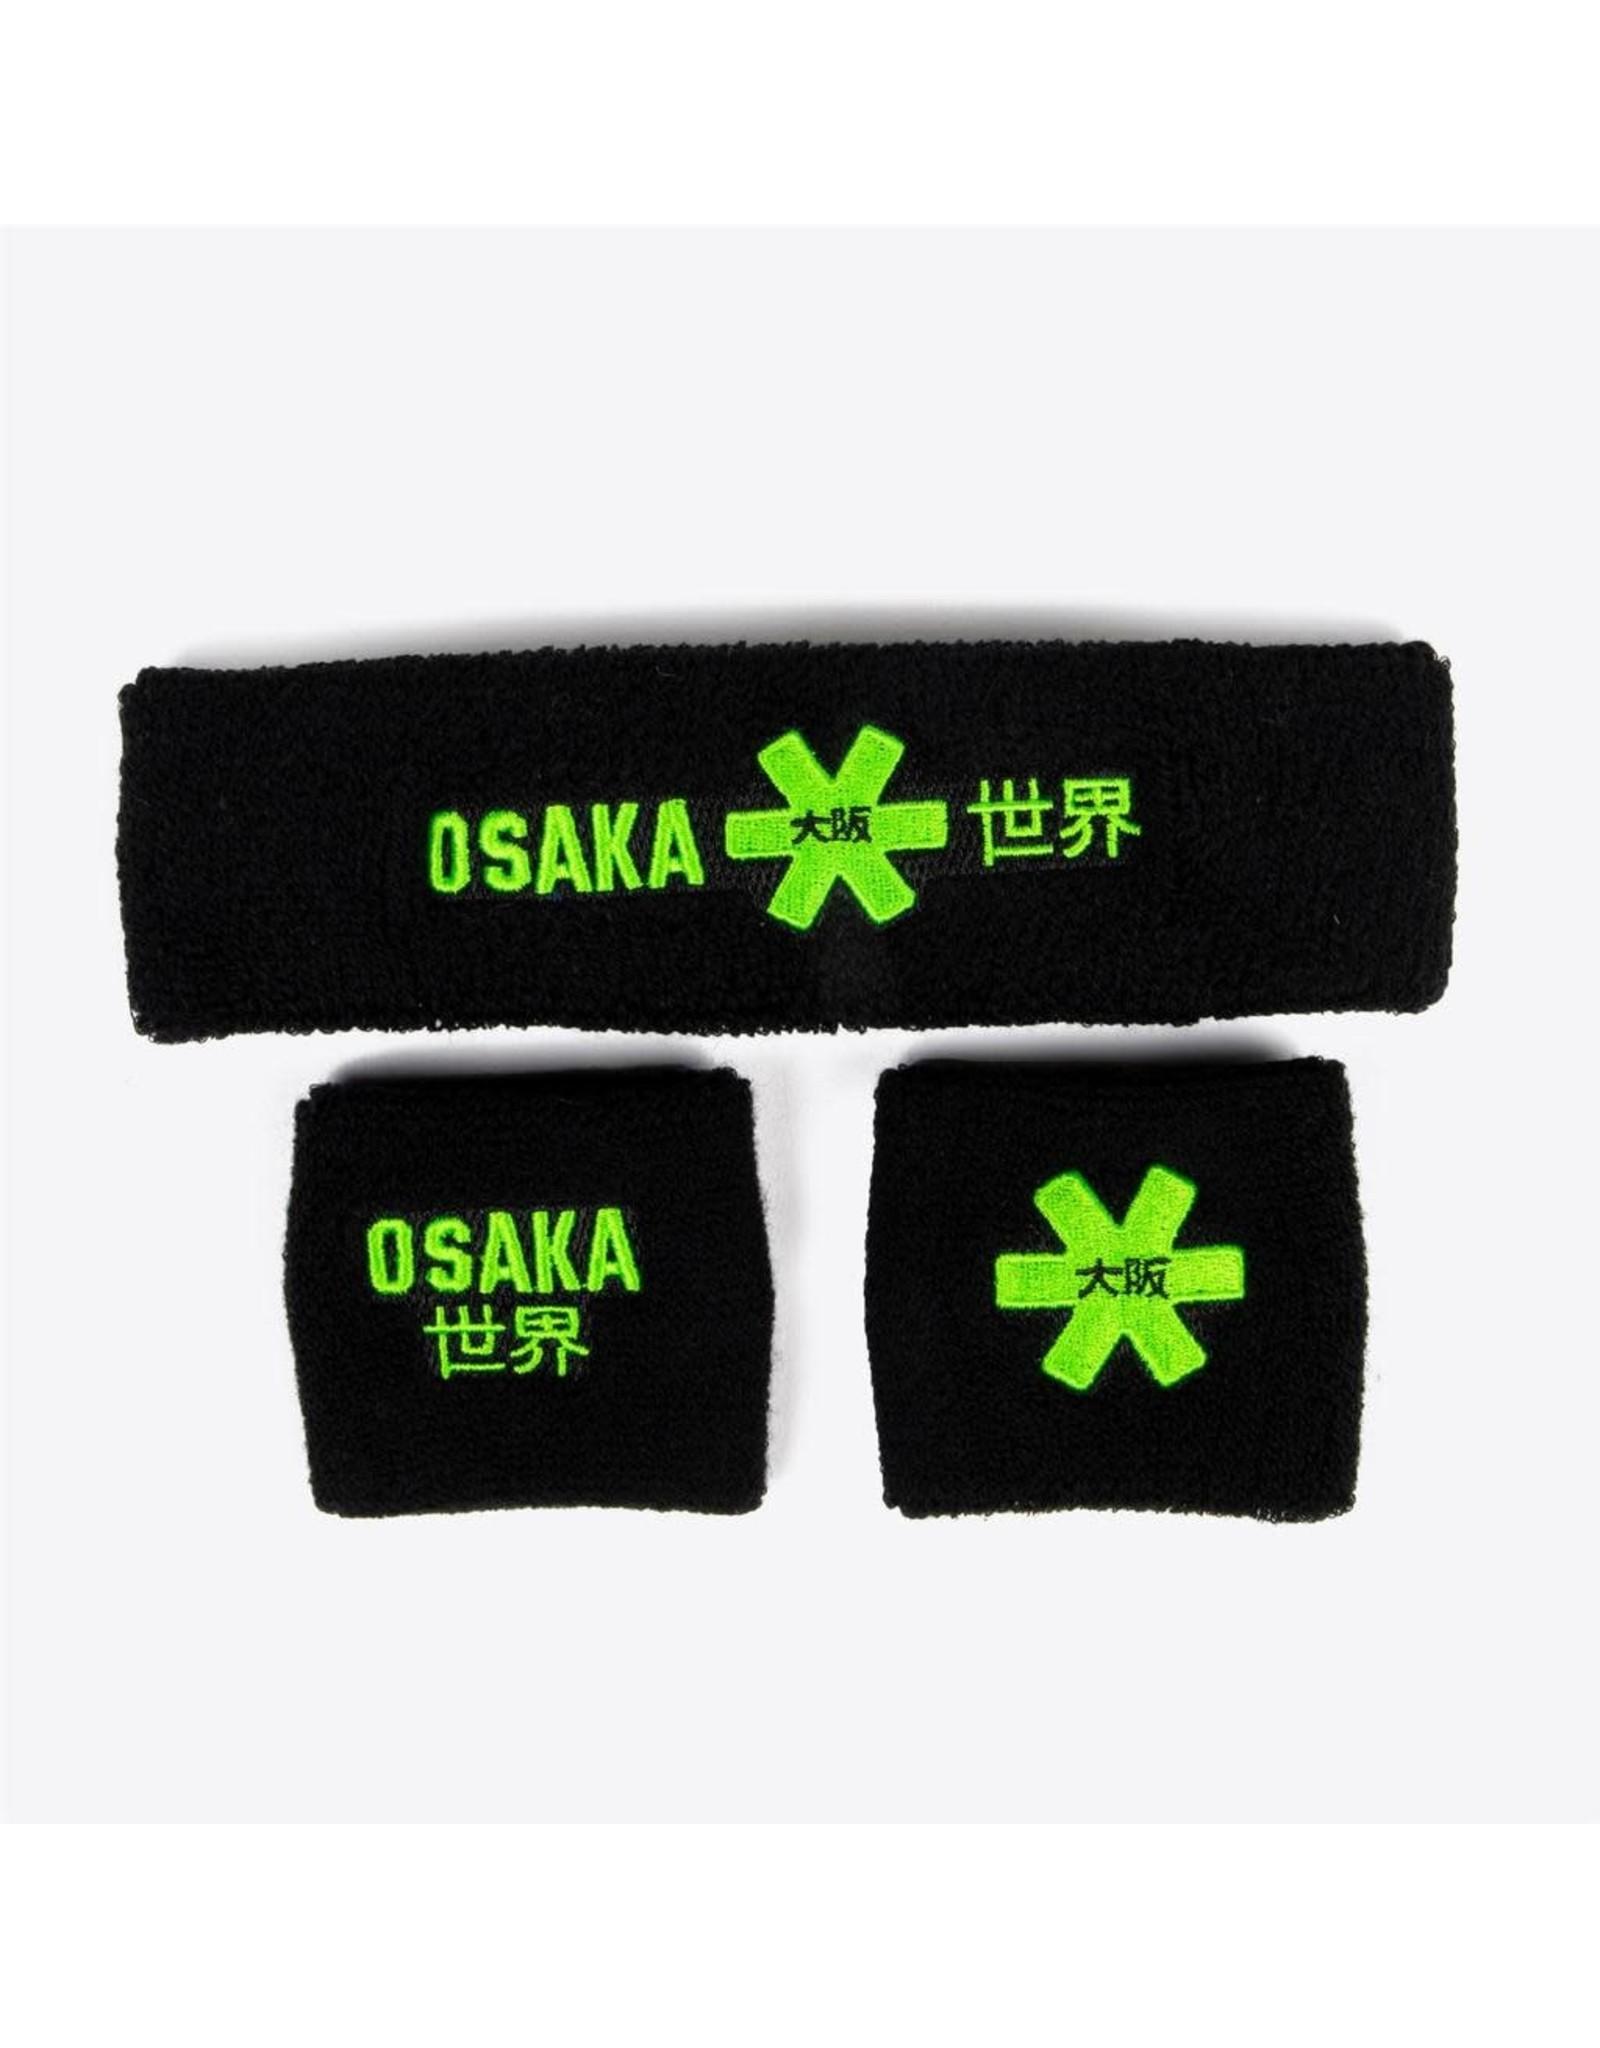 OSAKA OSAKA SWEATBAND SET 2.0